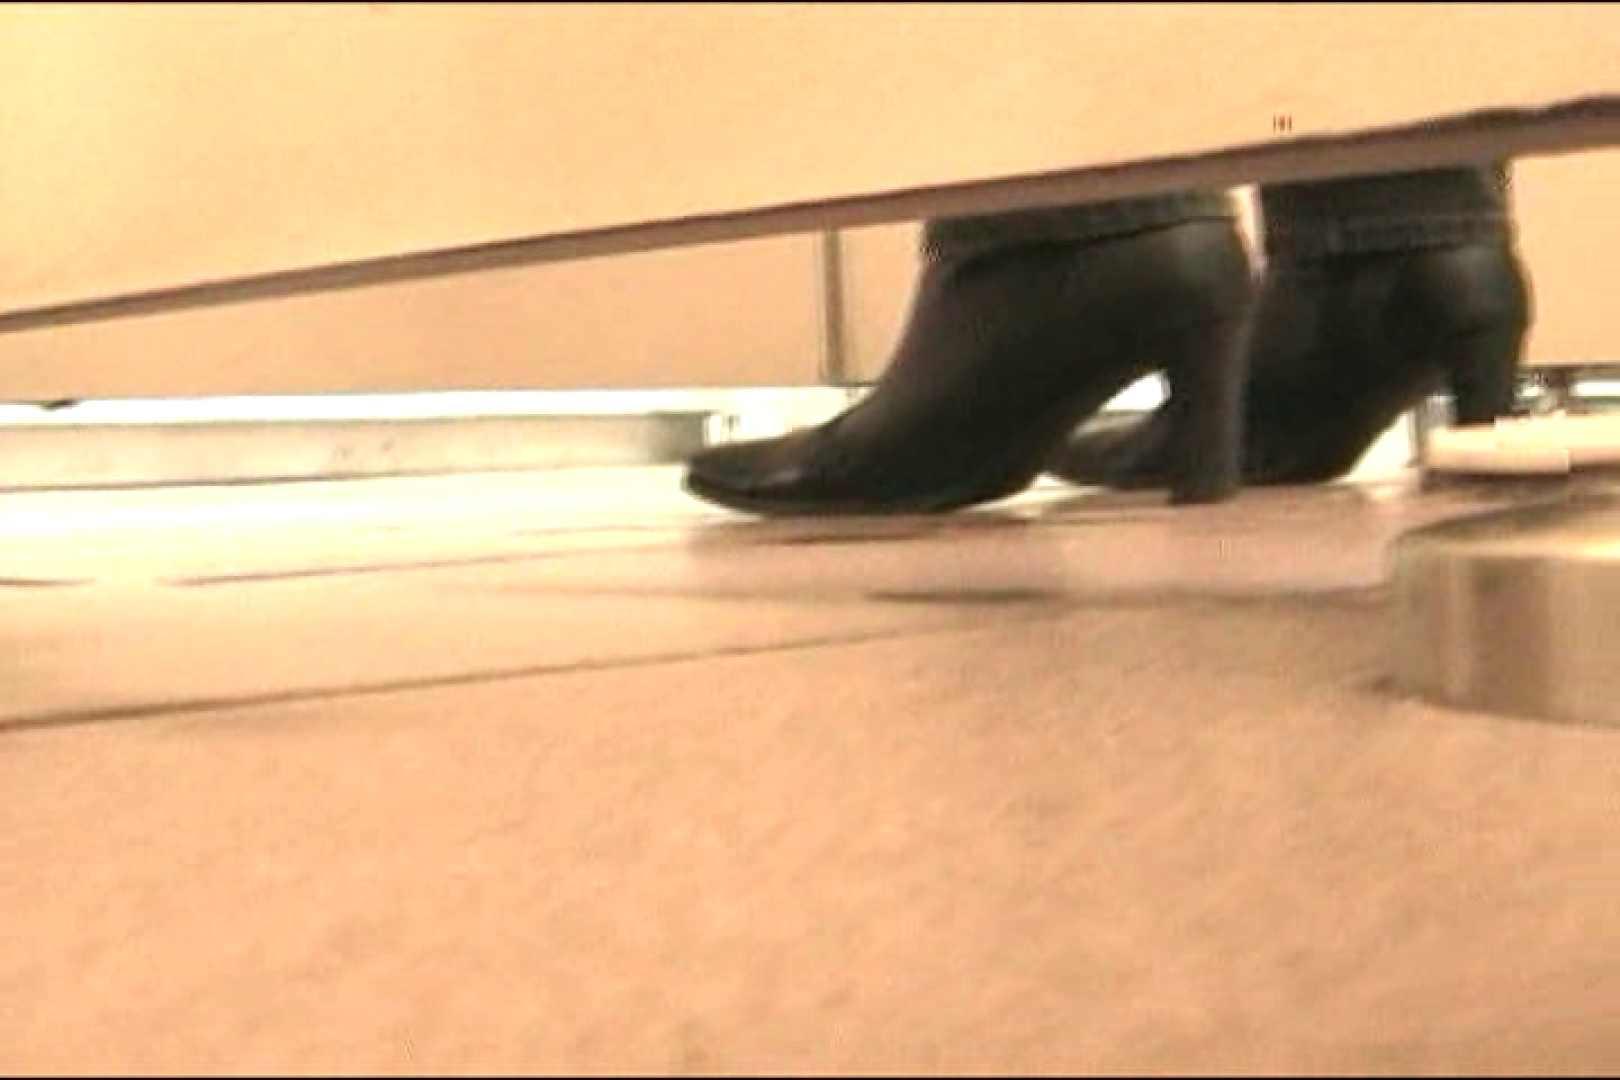 マンコ丸見え女子洗面所Vol.44 おまんこ無修正 性交動画流出 52画像 19